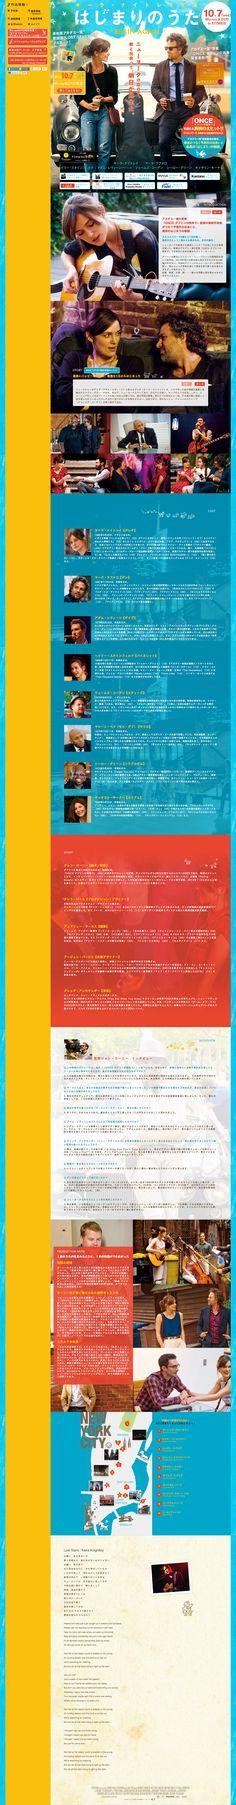 映画『はじまりのうた』公式サイト  #配色の参考 #水色 #朱色 #黄色 #ニューヨーク #元気な色 #映画 #はじまりのうた